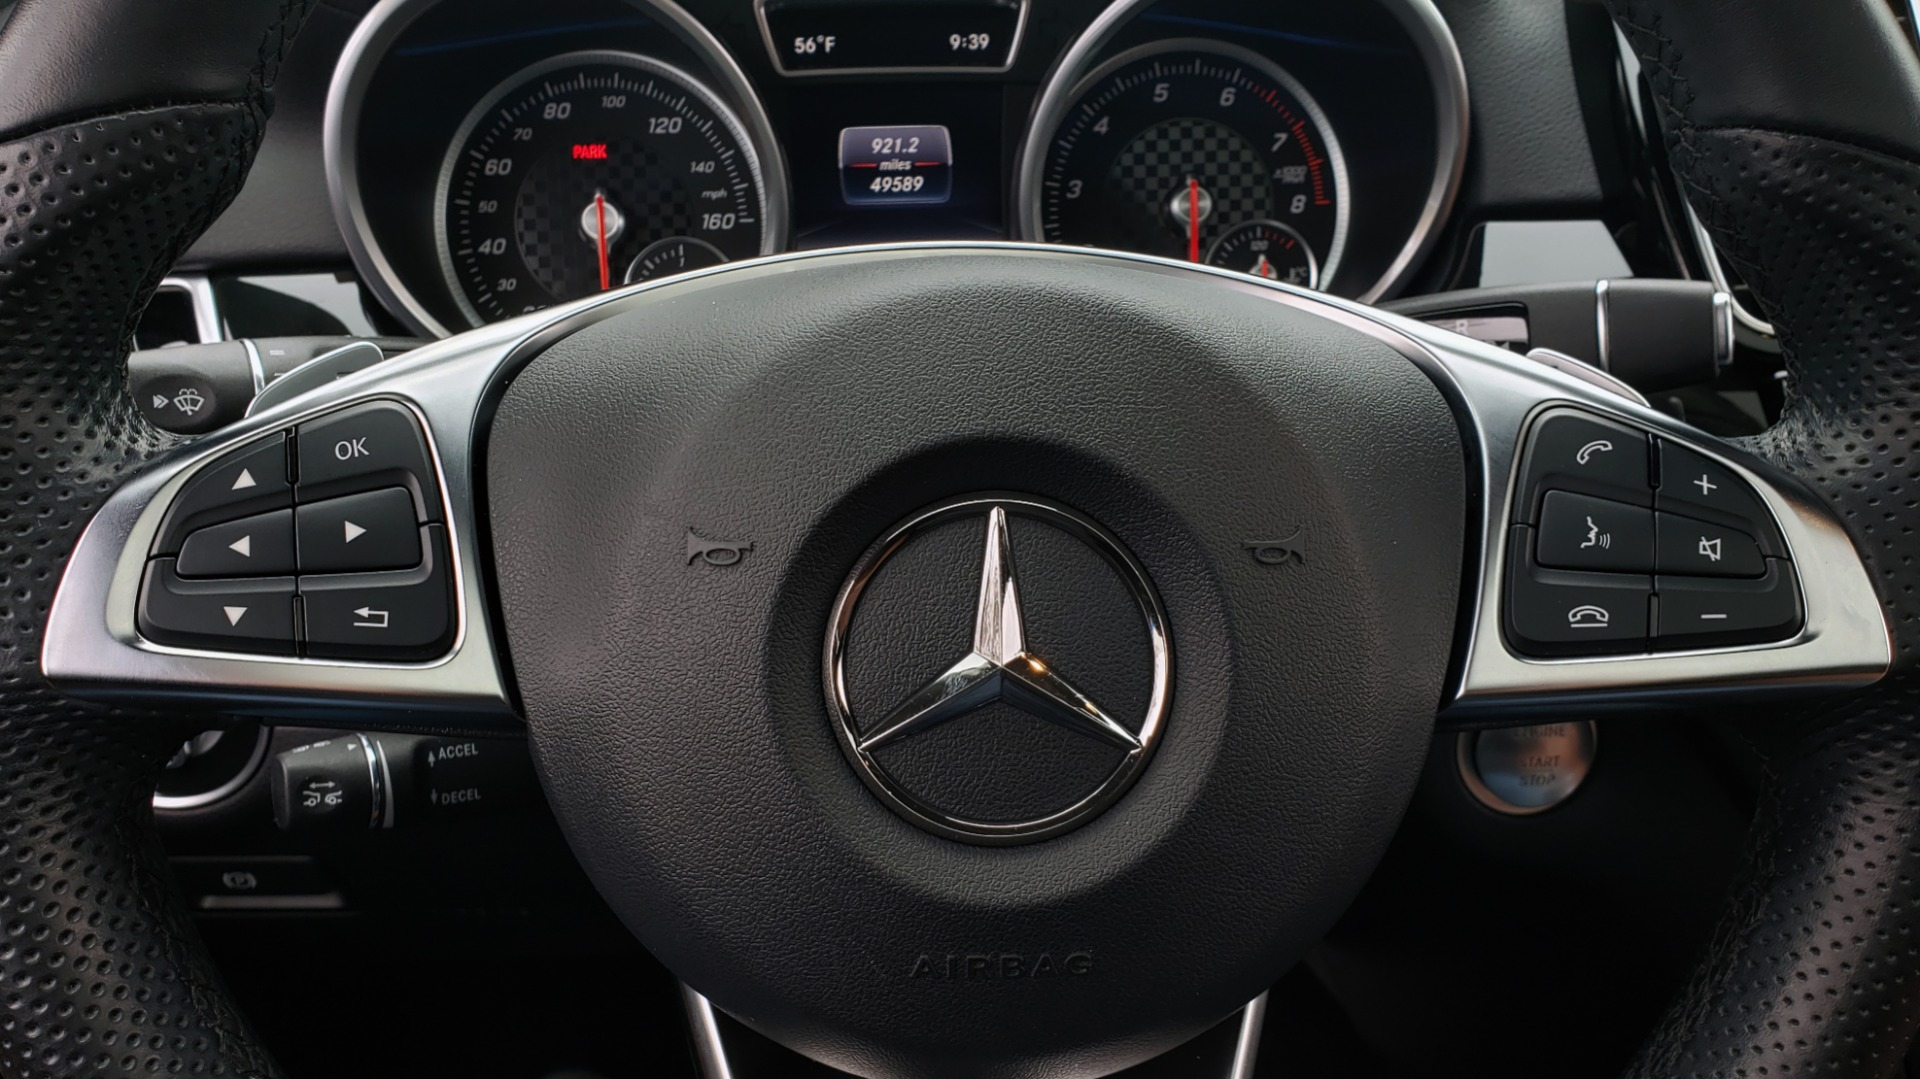 Used 2016 Mercedes-Benz GLE 450 AMG / AWD / PREM PKG / PARK ASST / DRVR ASST / SUNROOF for sale Sold at Formula Imports in Charlotte NC 28227 44